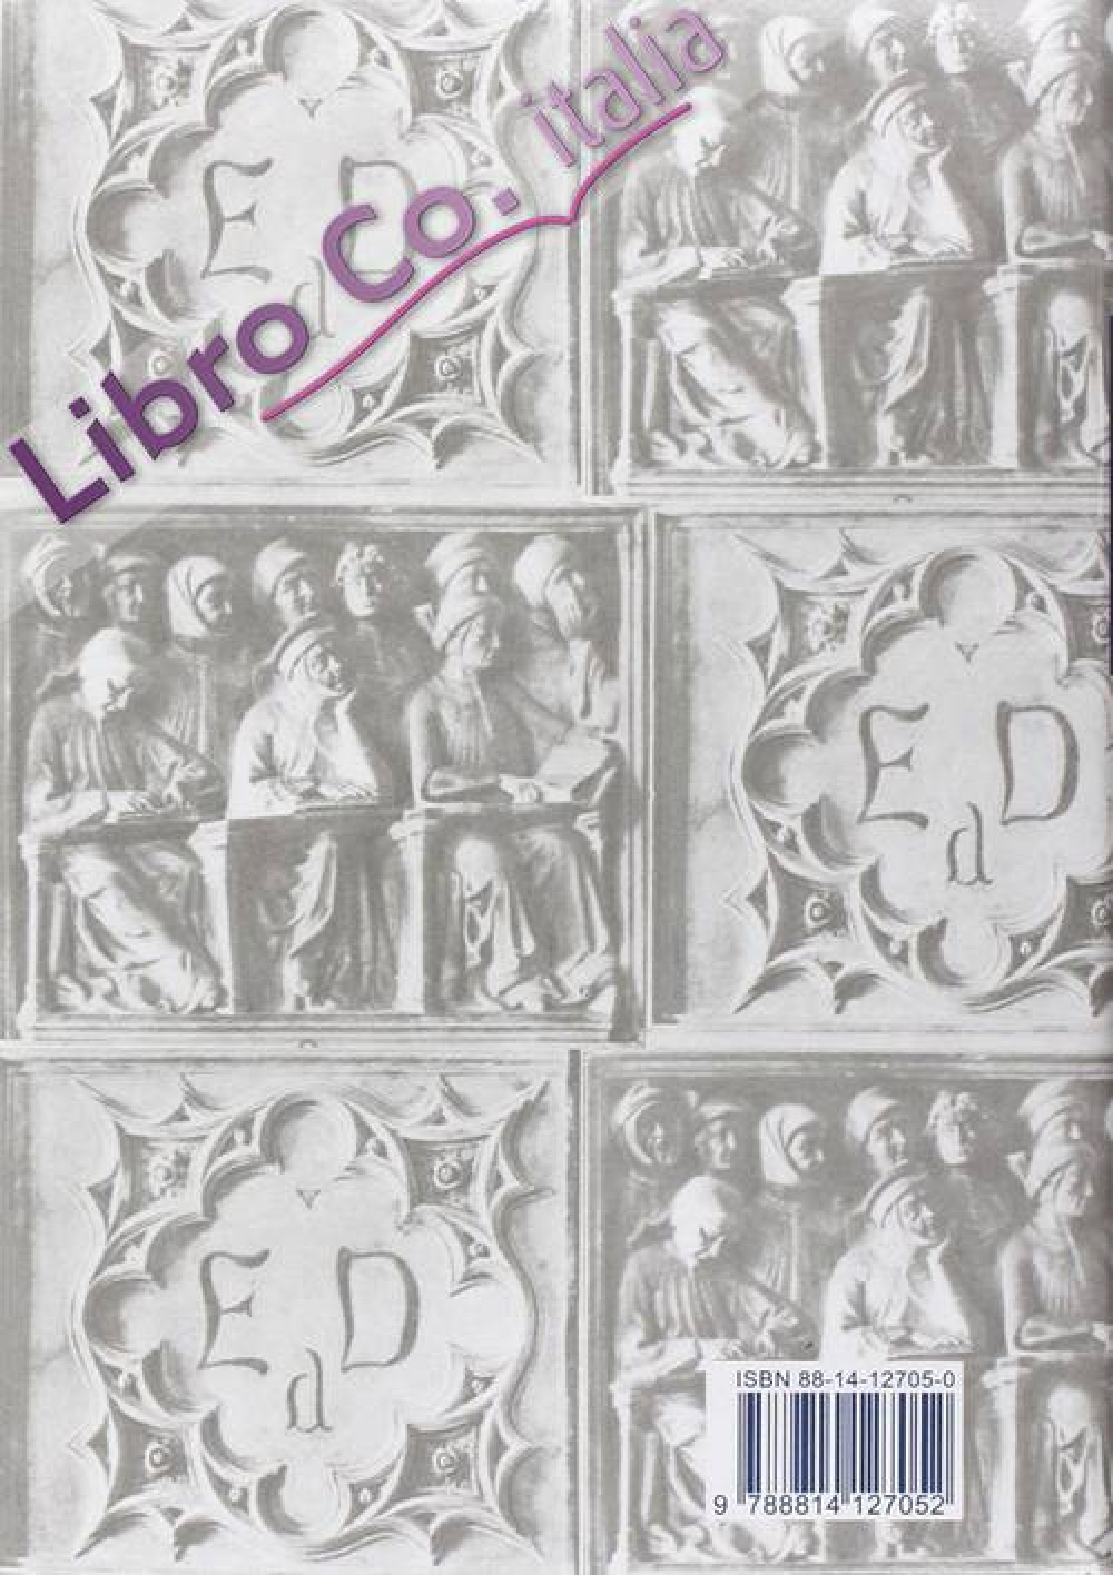 Enciclopedia del diritto. Annali. Vol. 1: Accertamento. Tutela